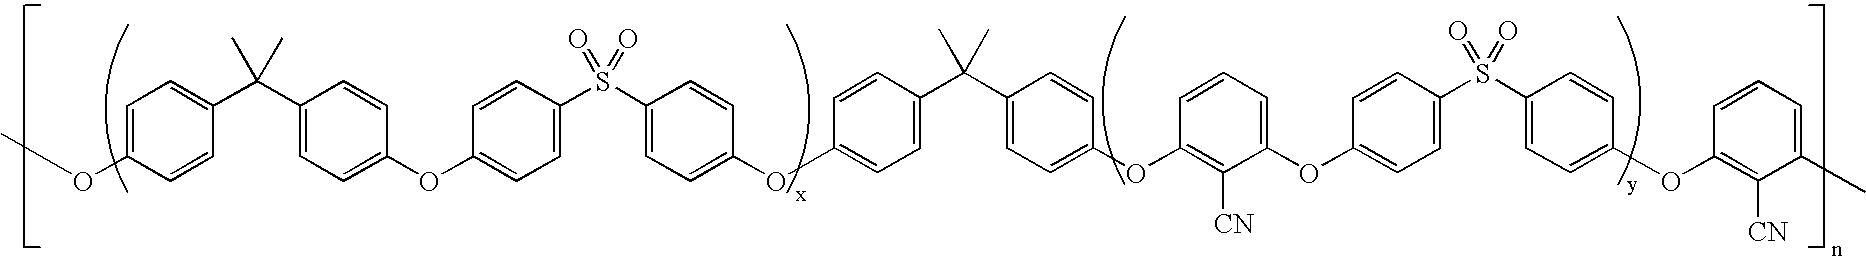 Figure US07695628-20100413-C00013